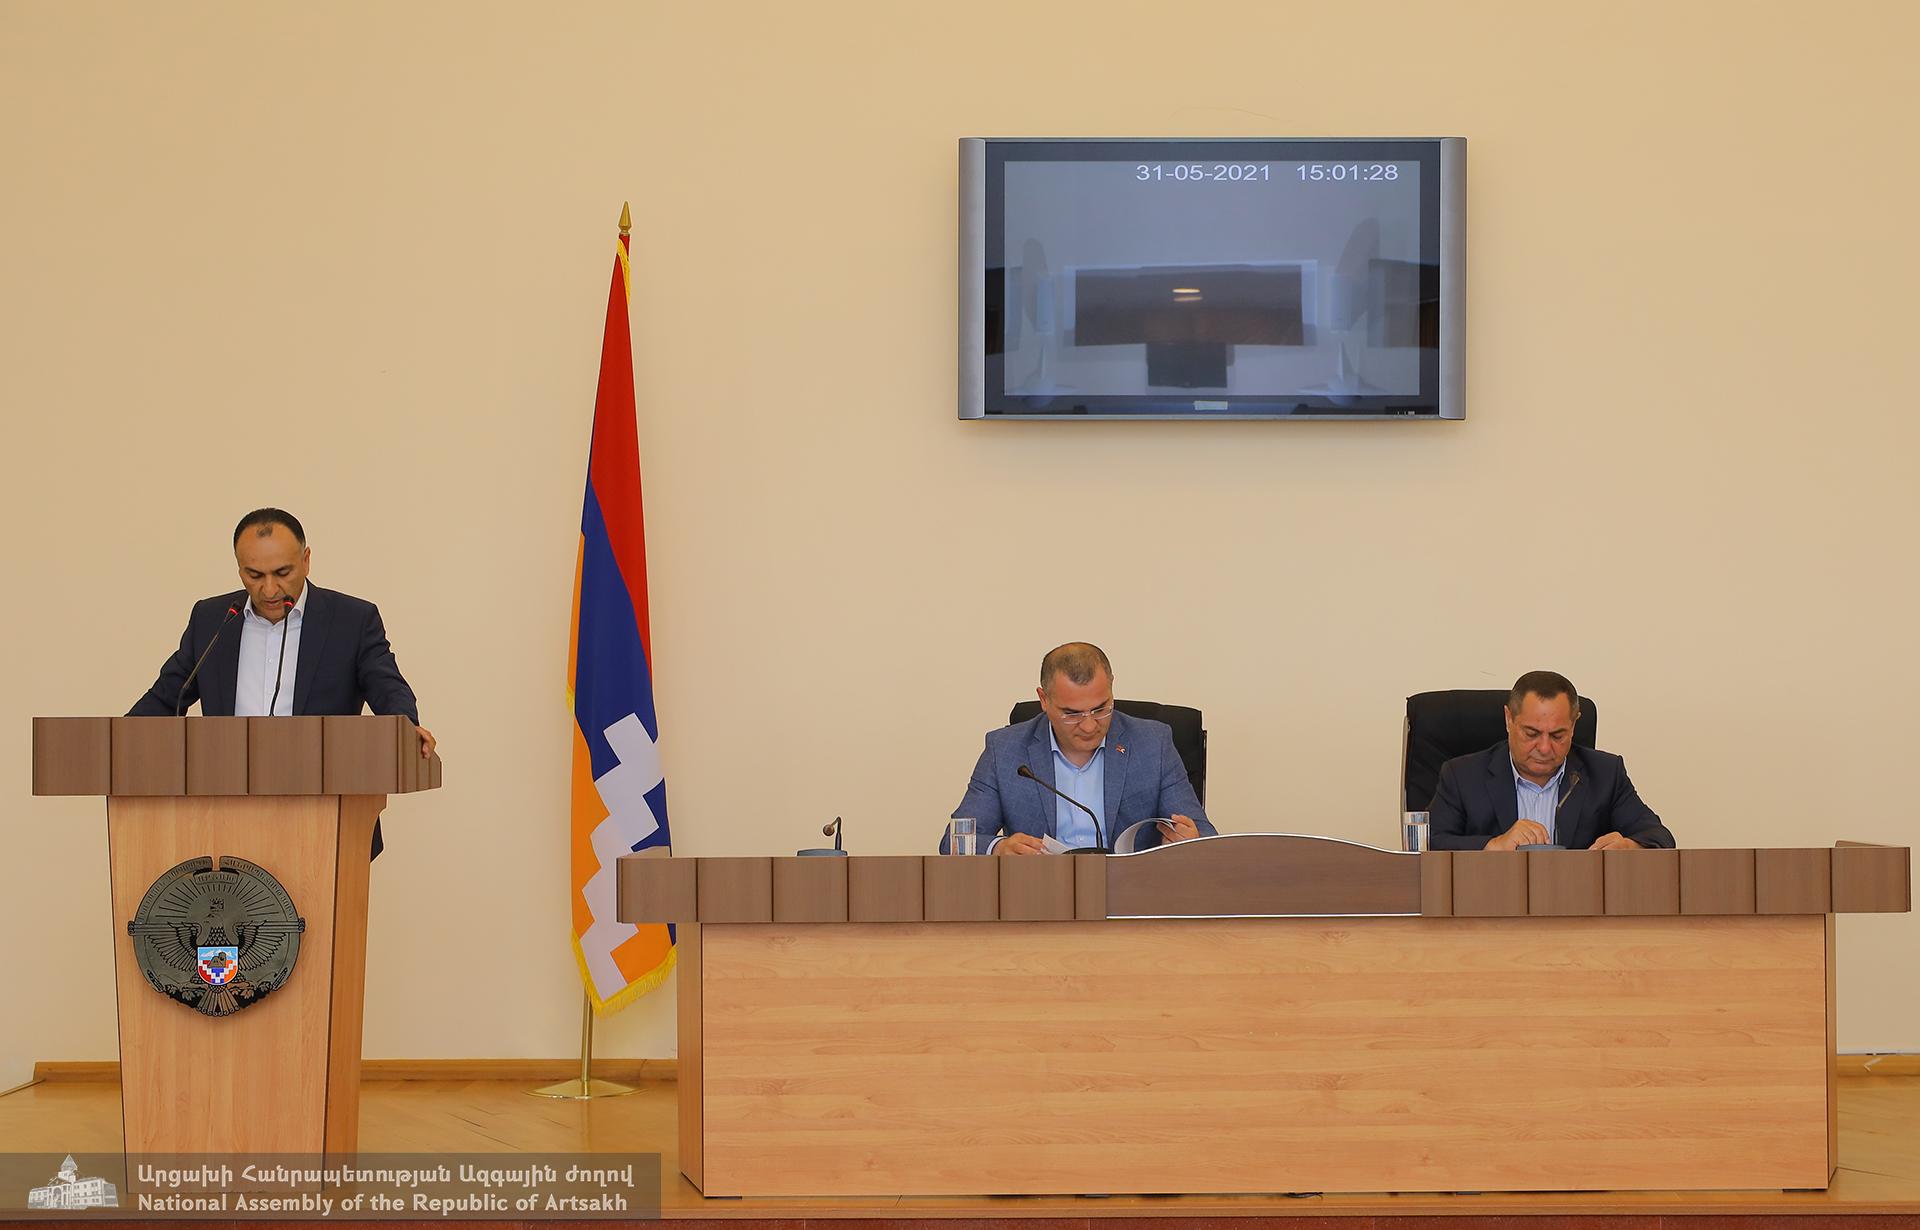 Photo of Արցախի ԱԺ մշտական հանձնաժողովների համատեղ նիստերում շարունակվում են 2020թ. պետբյուջեի կատարողականների քննարկումները